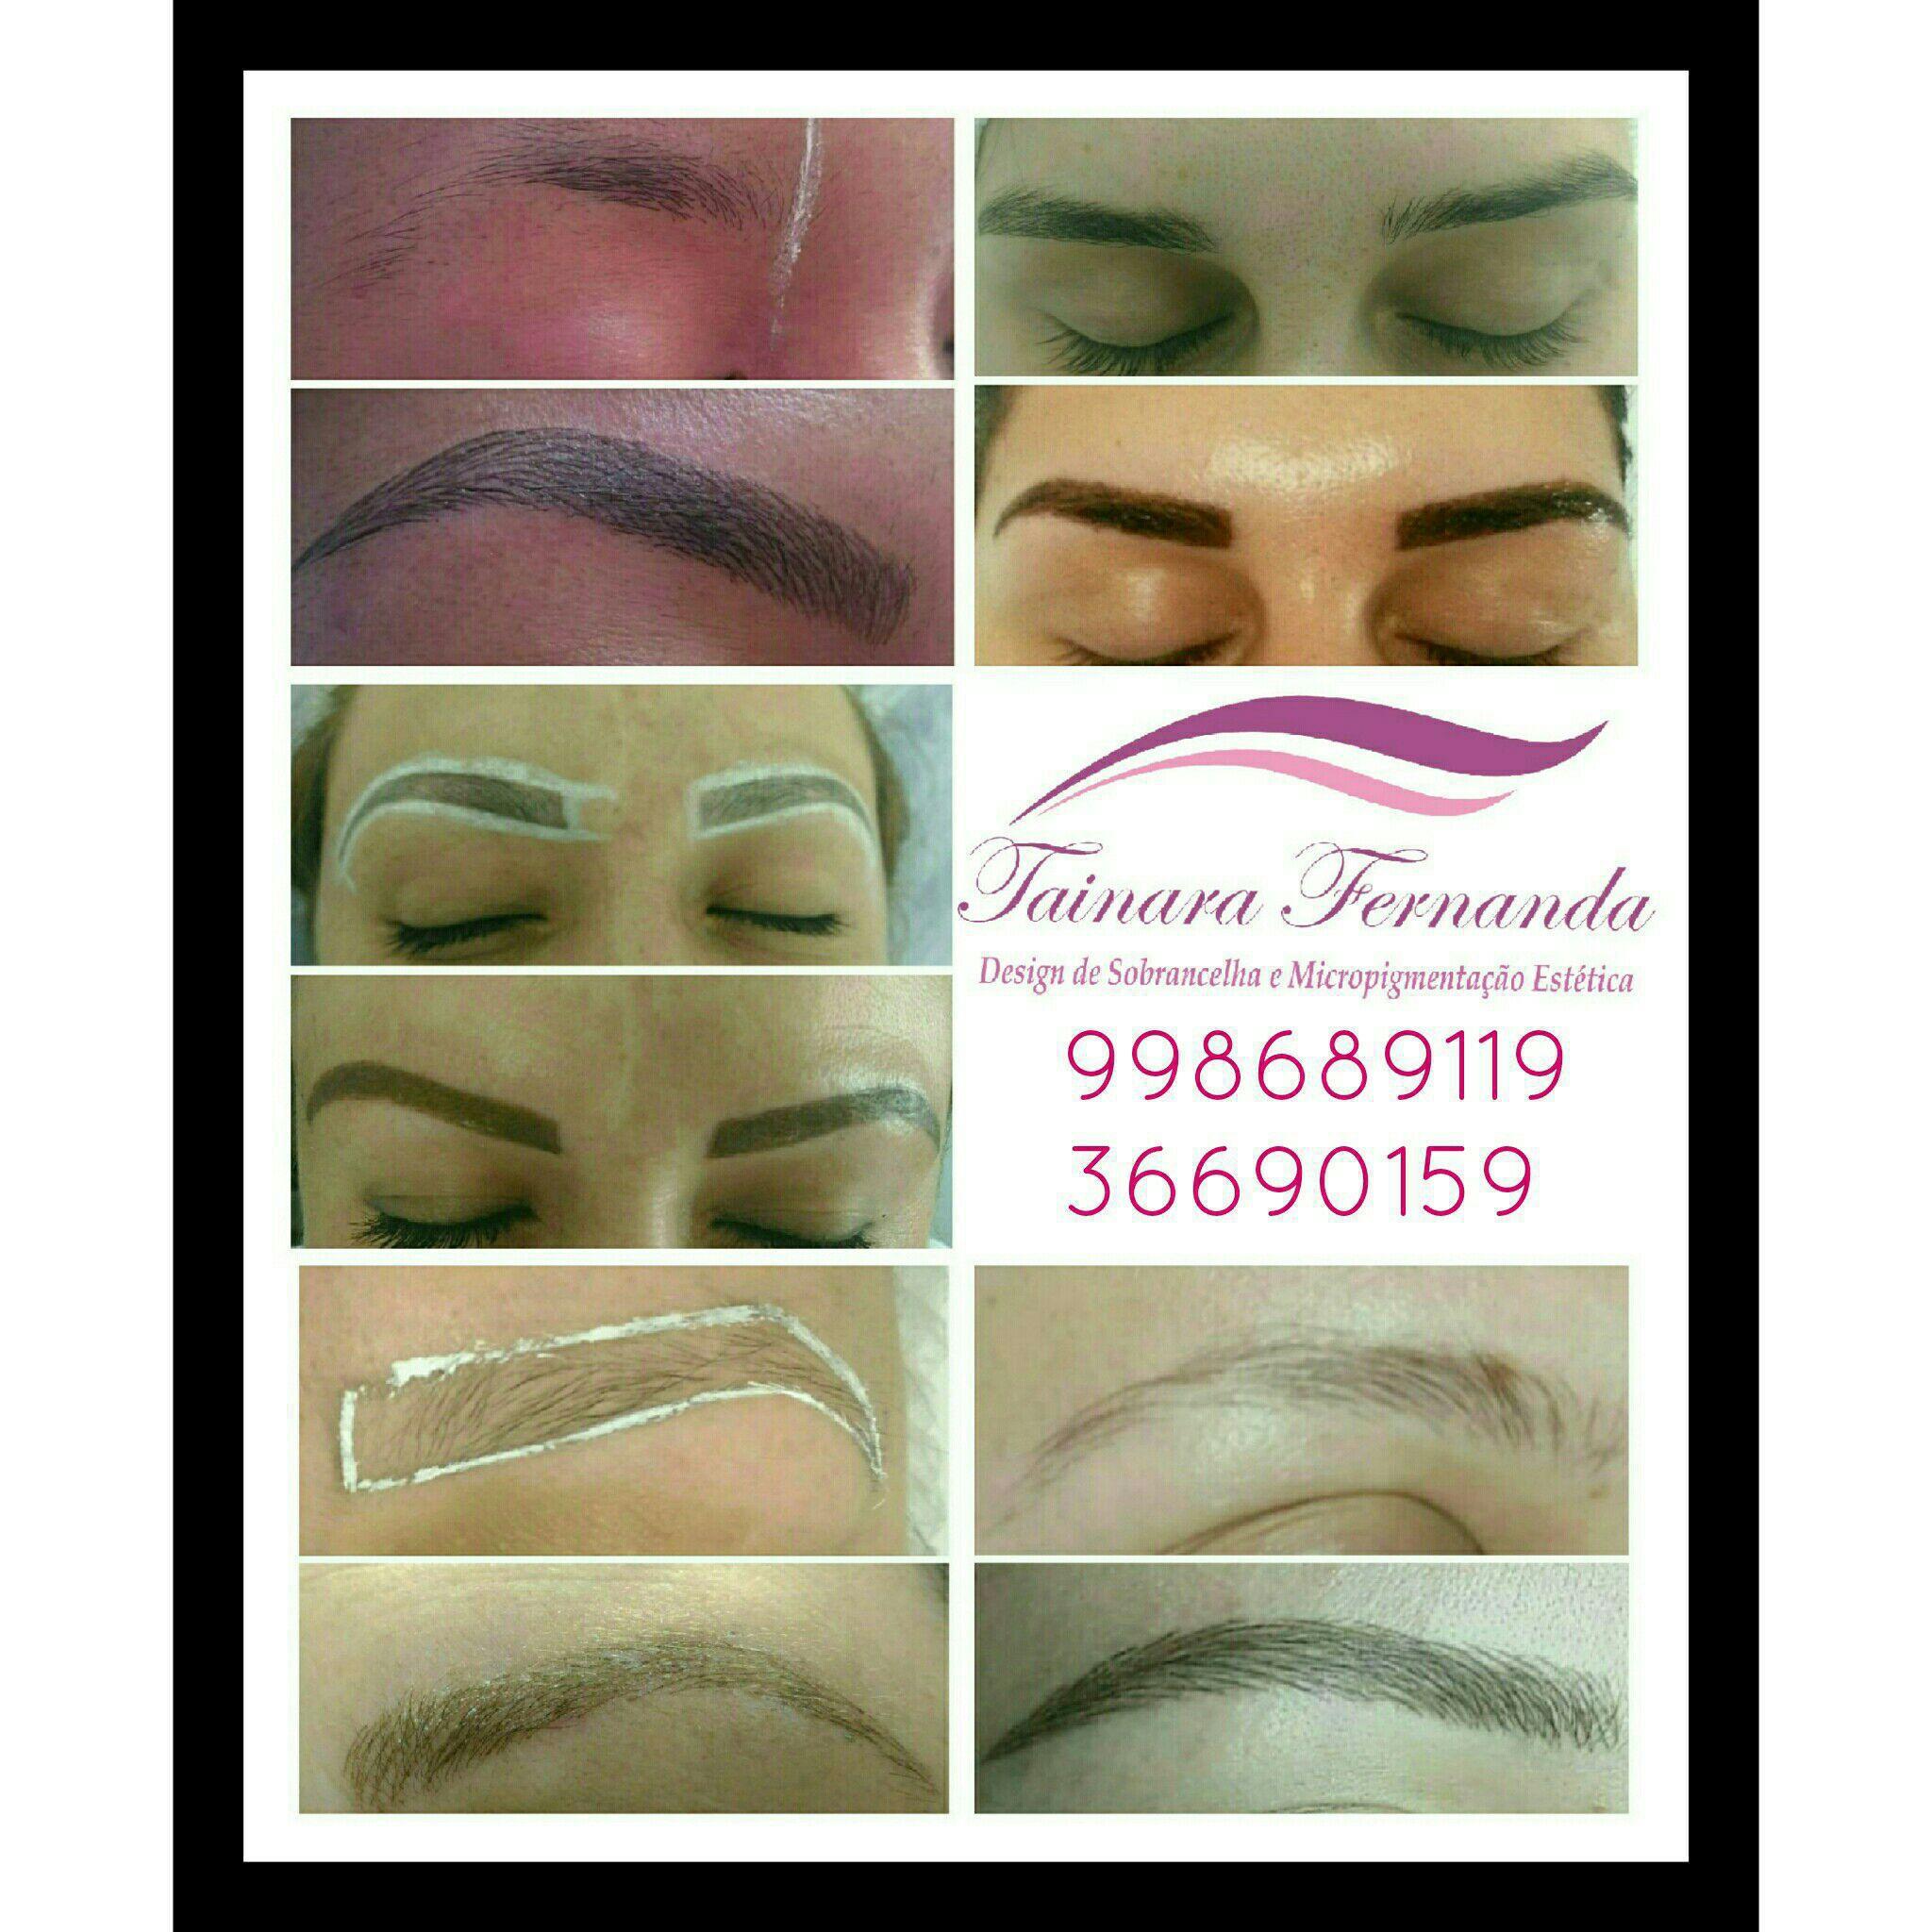 Micropigmentação fio a fio, compacta, esfumada, maquiagem definitiva e alongamento de cilios estética dermopigmentador(a) designer de sobrancelhas dermopigmentador(a)